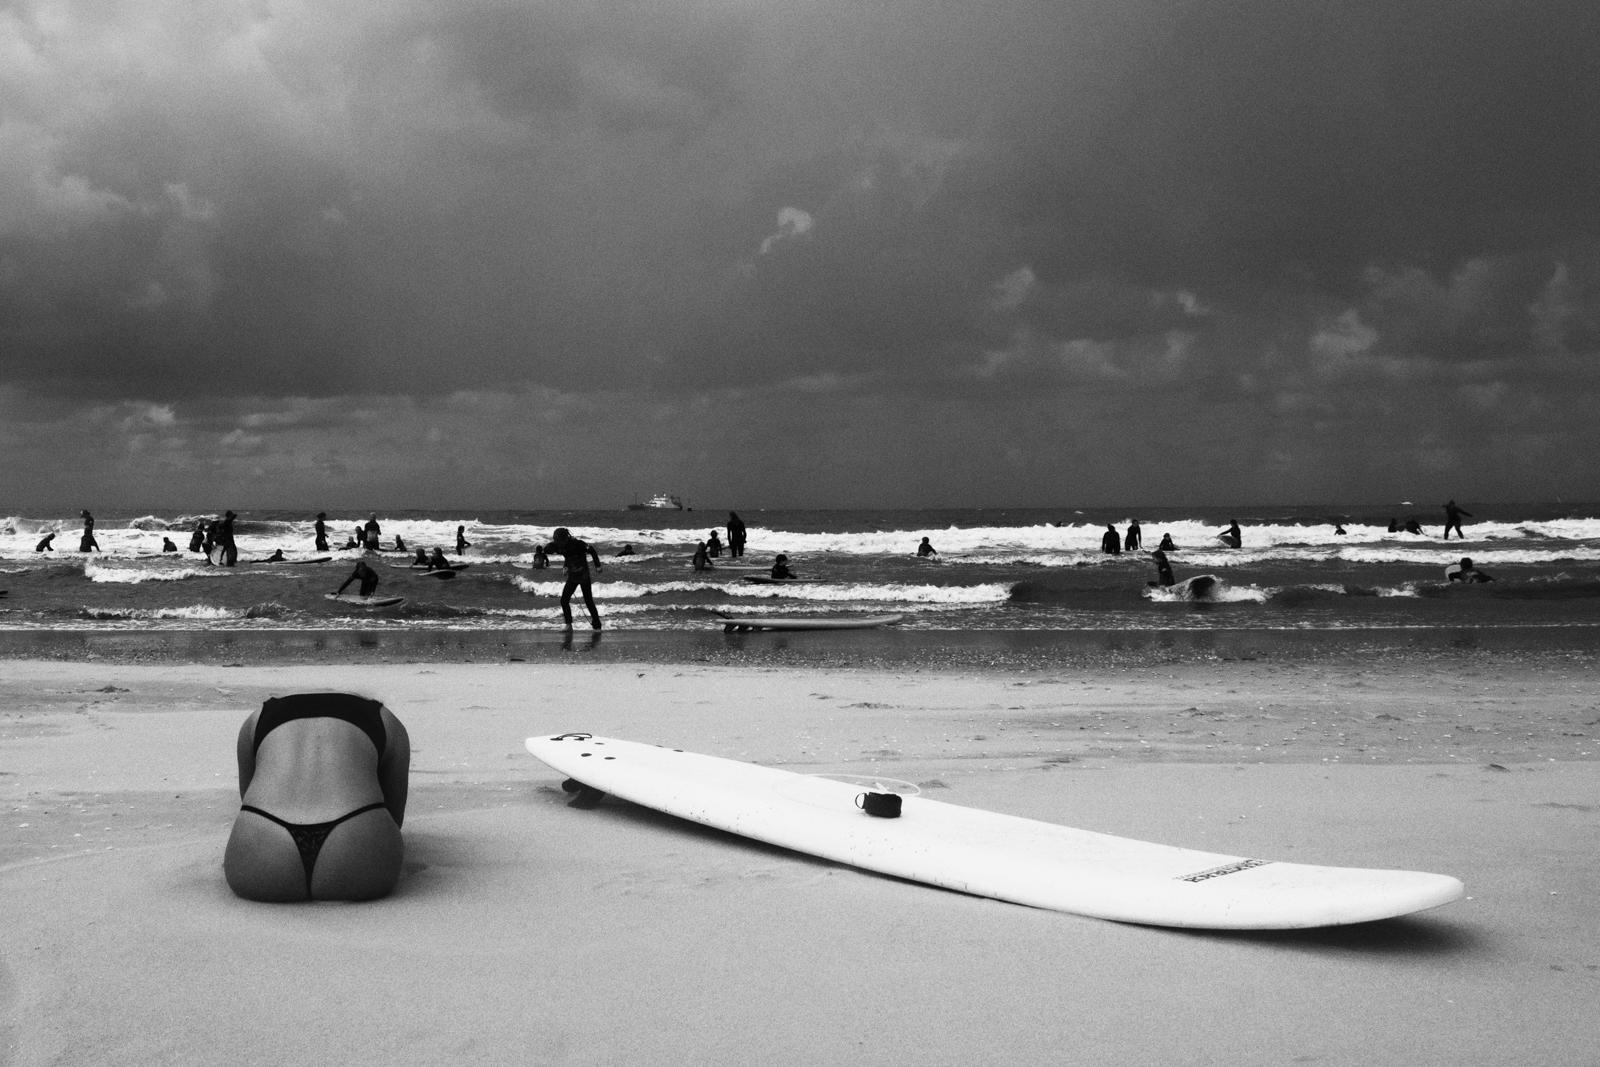 Foto van Merel Schoneveld van strand in zart wit met mensen in branding en op zand ligt surfboard en een vrouw in yoga houding